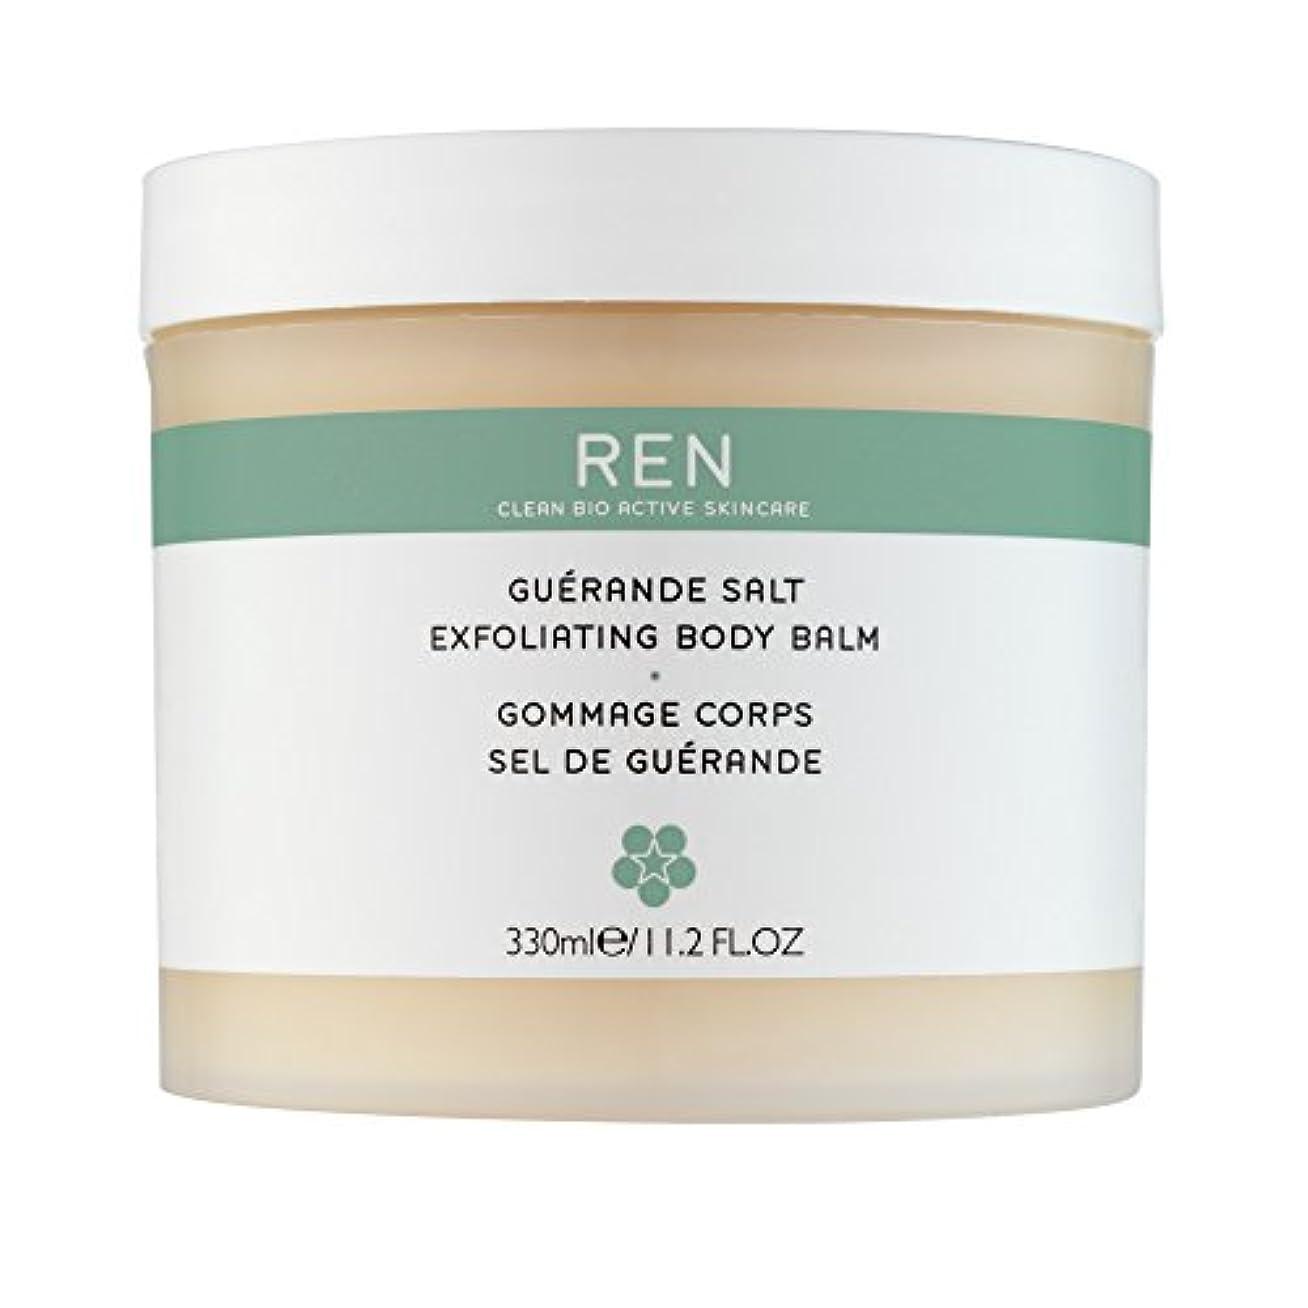 値下げ集団的十代の若者たちRenゲランド塩の角質除去ボディバーム330ミリリットル (REN) (x6) - REN Guerande Salt Exfoliating Body Balm 330ml (Pack of 6) [並行輸入品]